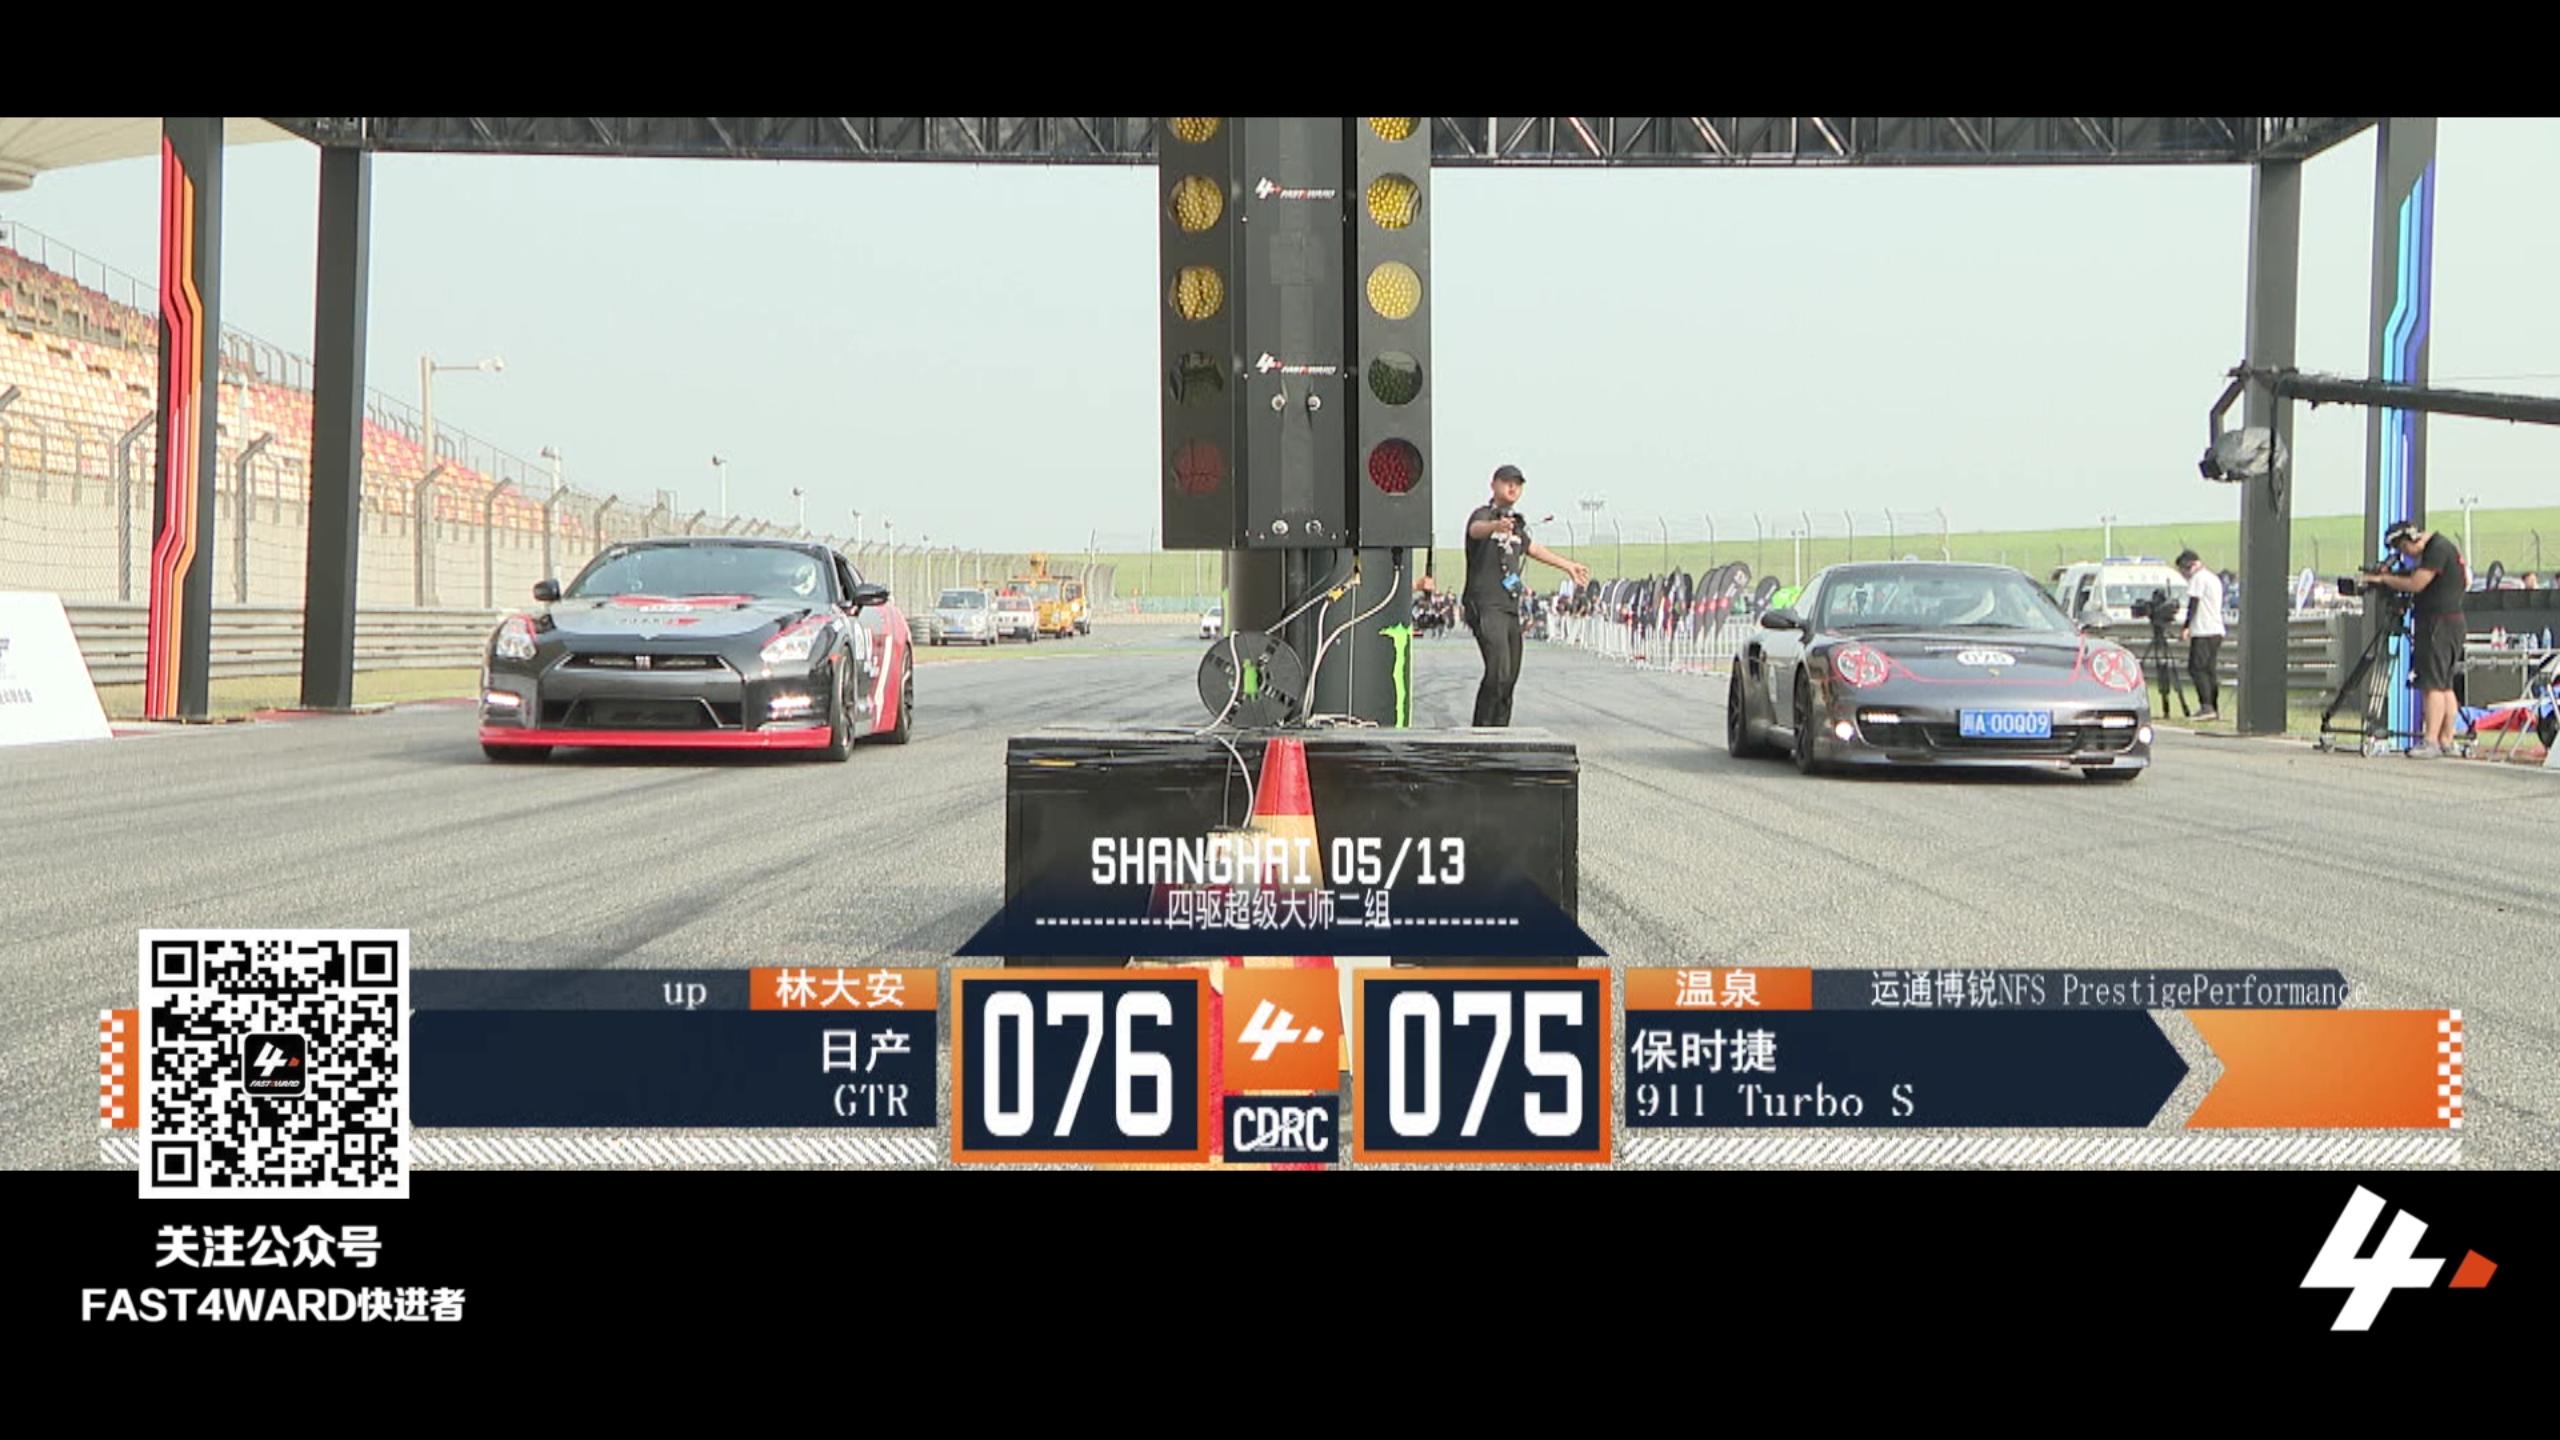 FAST4WARD 上海站 日产gtr vs 保时捷911 turbo s